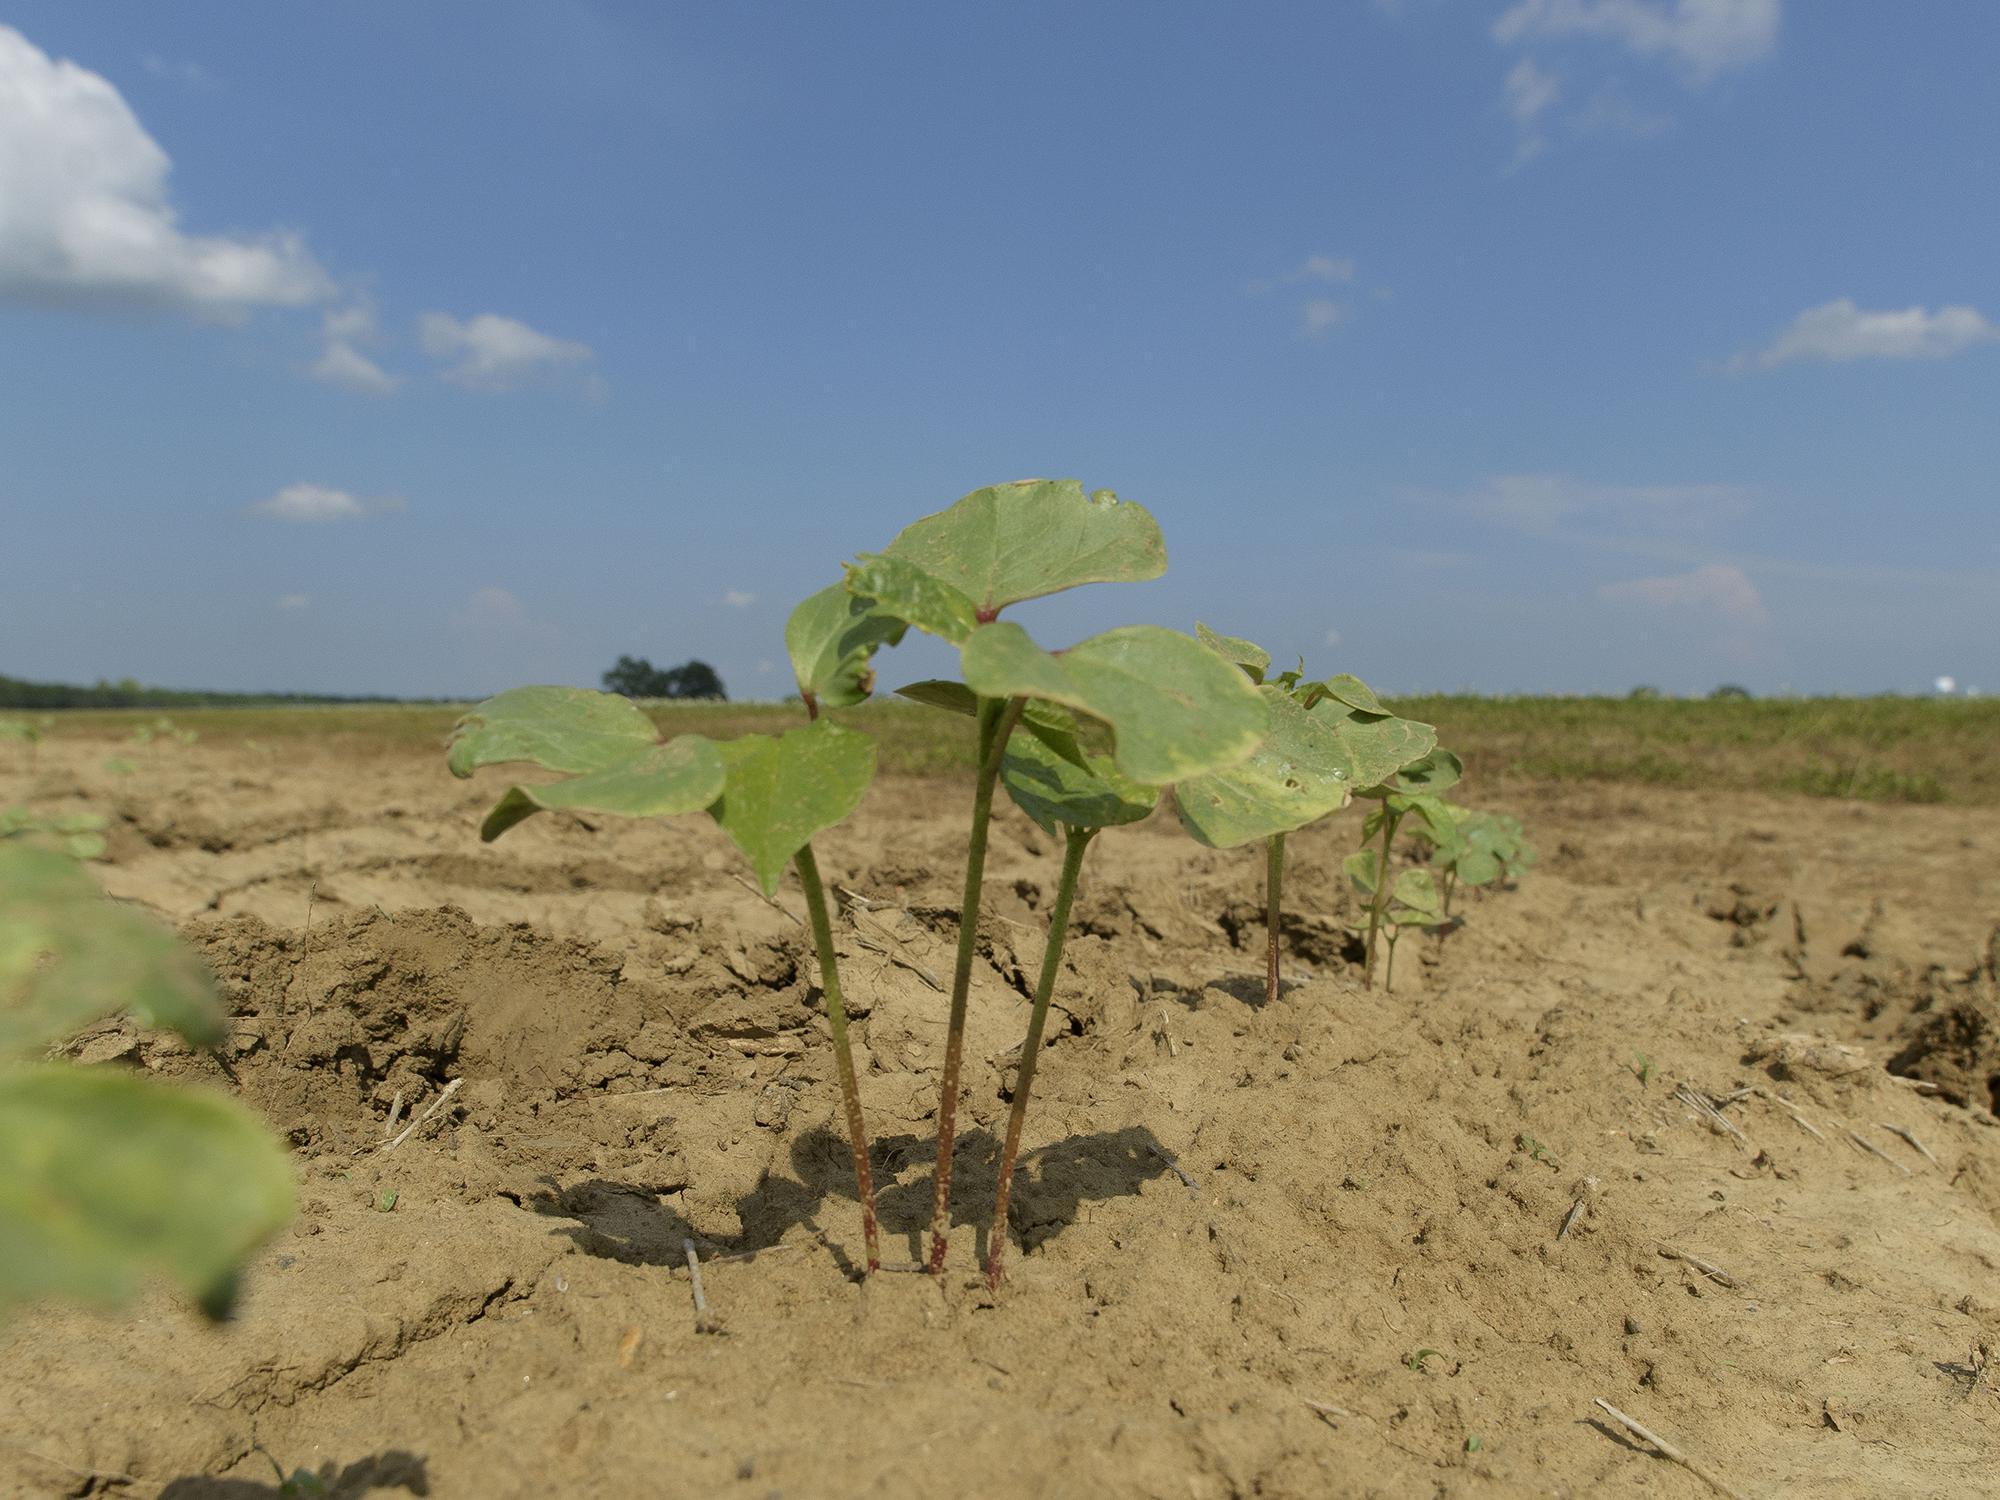 Green baby cotton plants poke through soil.